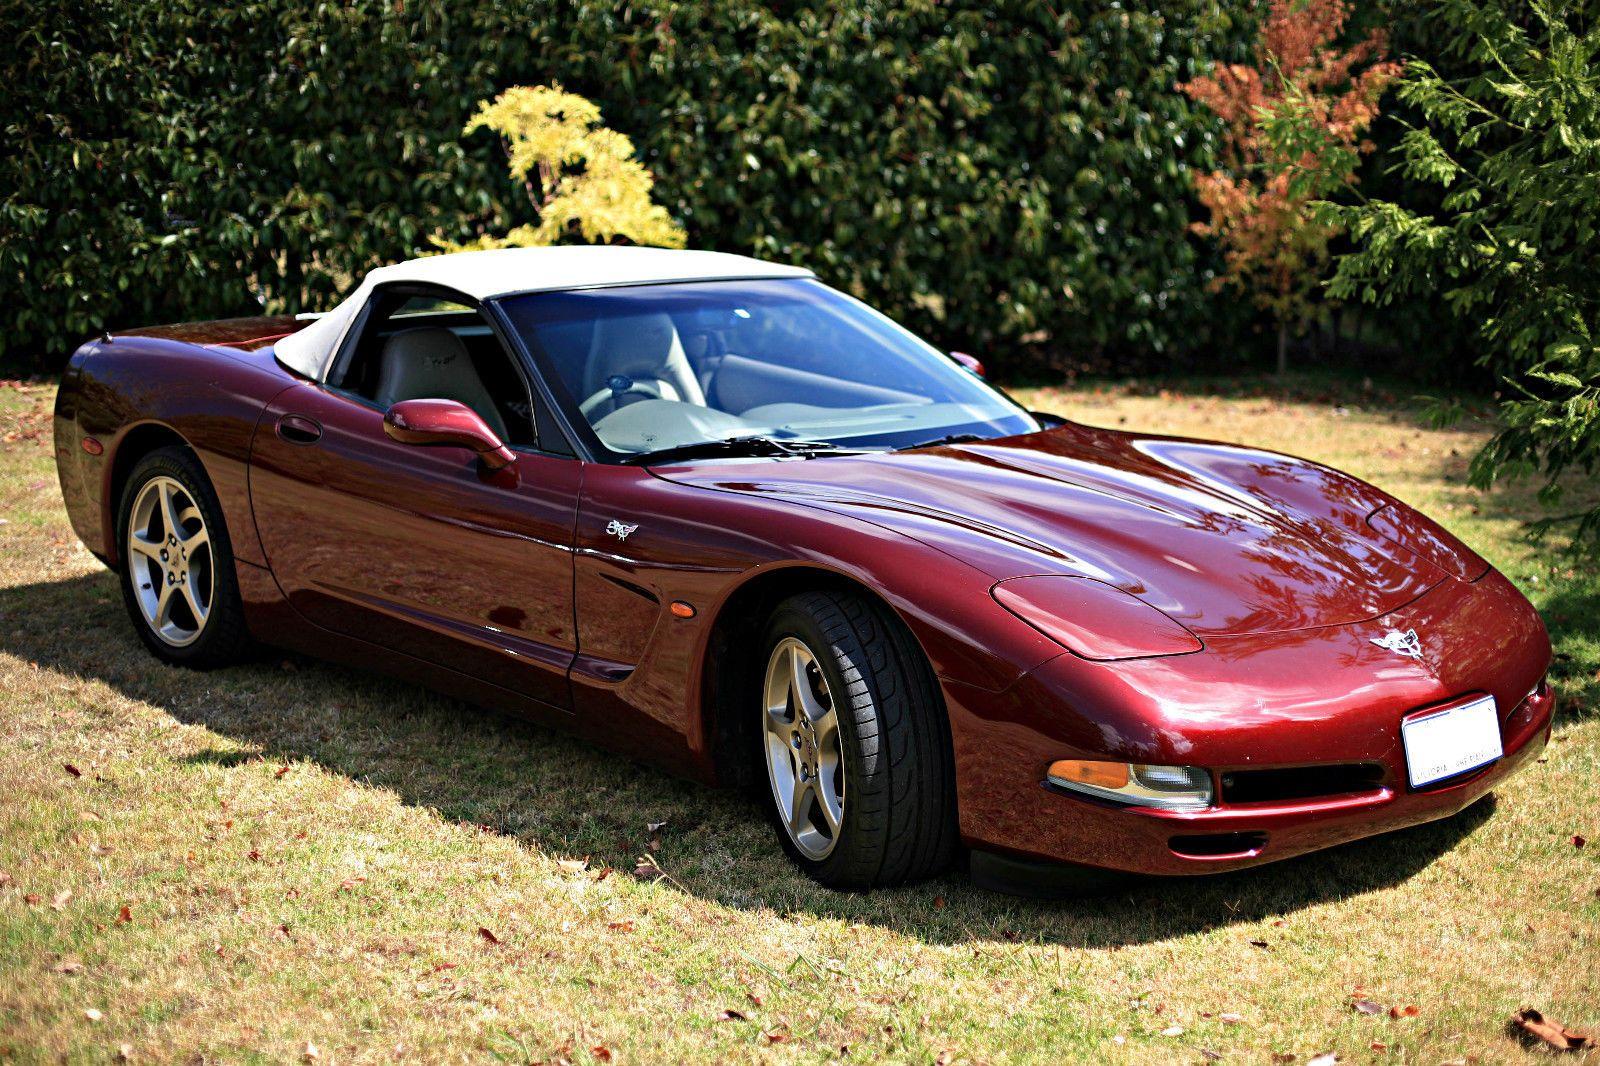 50th Anniversary Edition C5 Corvette Convertible Corvette Convertible Corvette Chevrolet Corvette